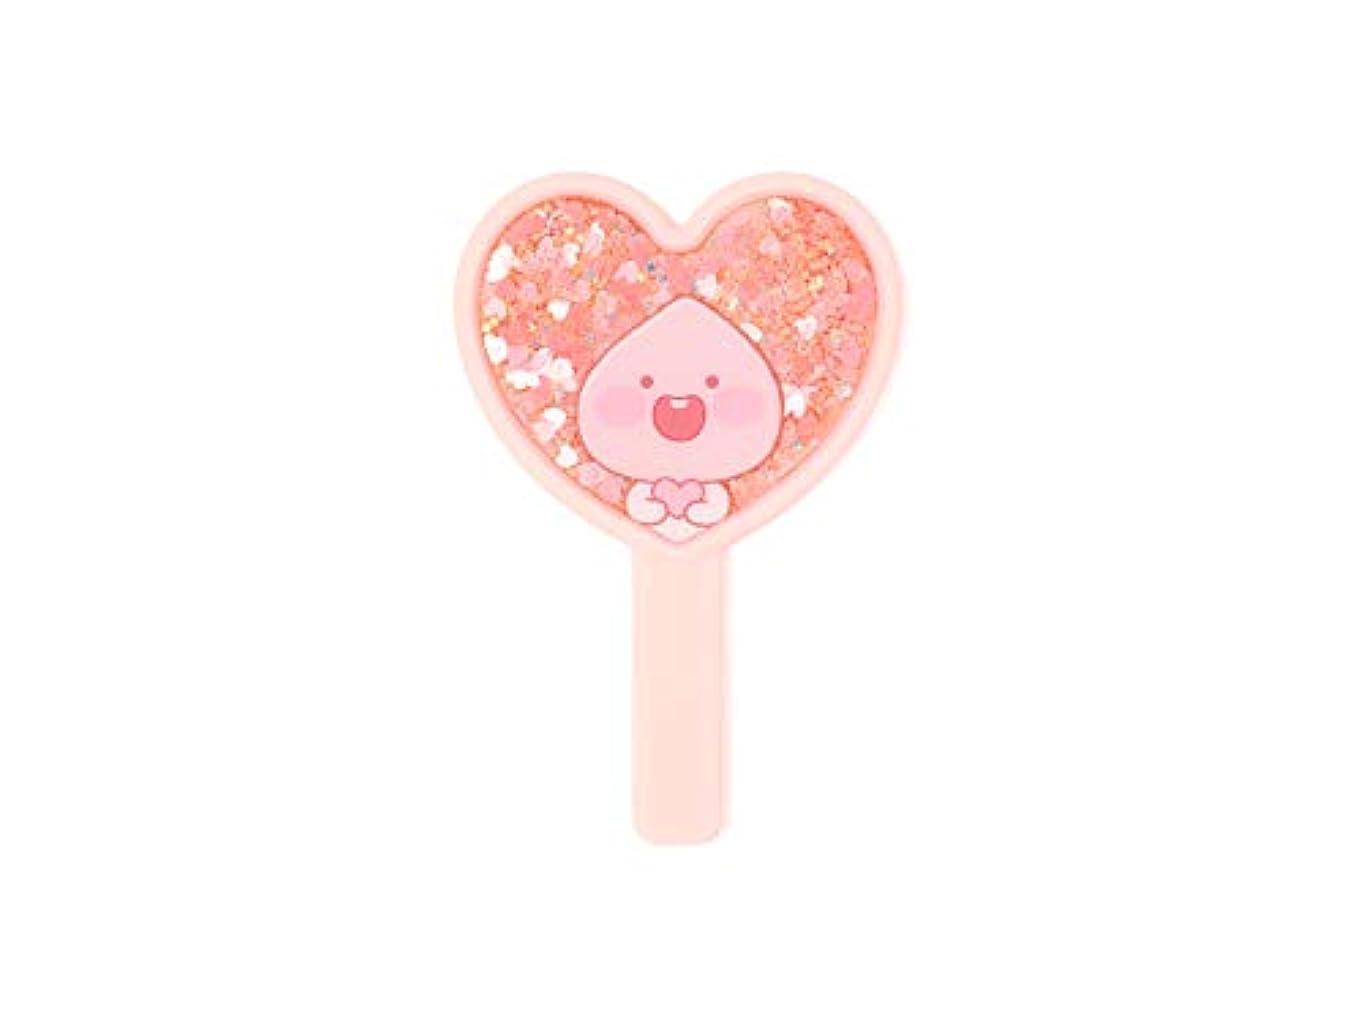 グラス記録有名[オフィシャル] カカオフレンズ – ラブリーアピーチ グリッターミラー (ピンク) KAKAO FRIENDS - Lovely Apeach Glitter Mirror (Pink)